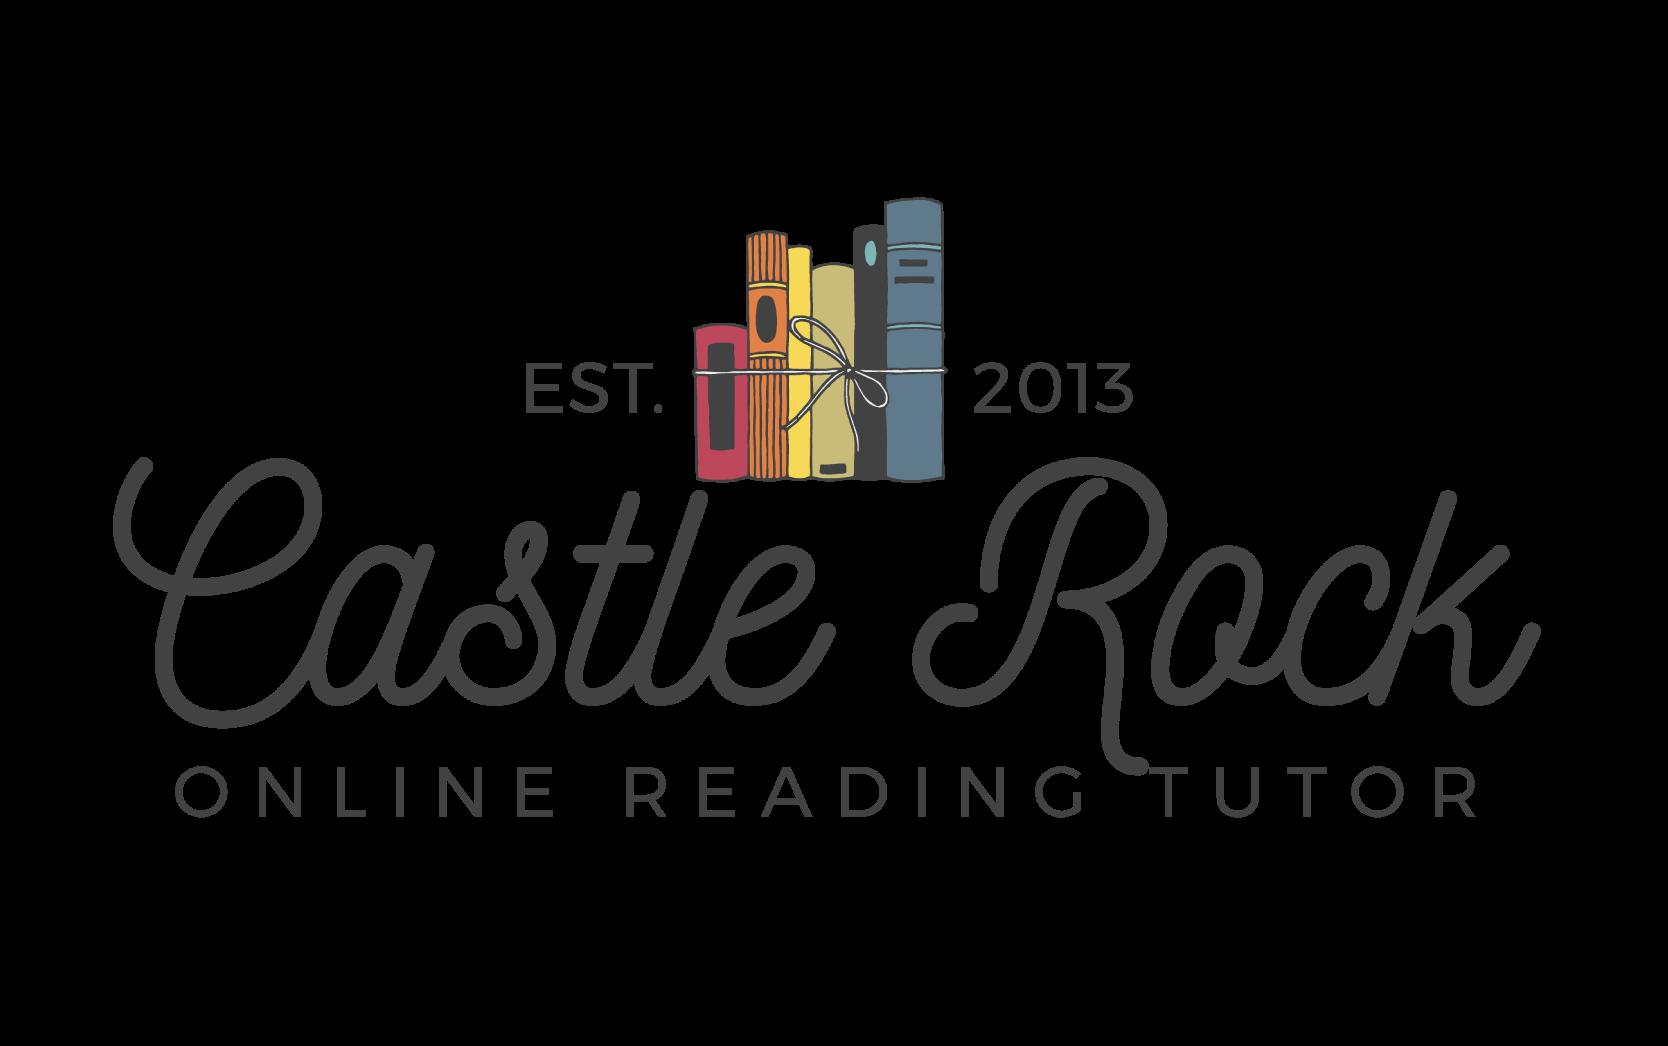 castle rock-01.png